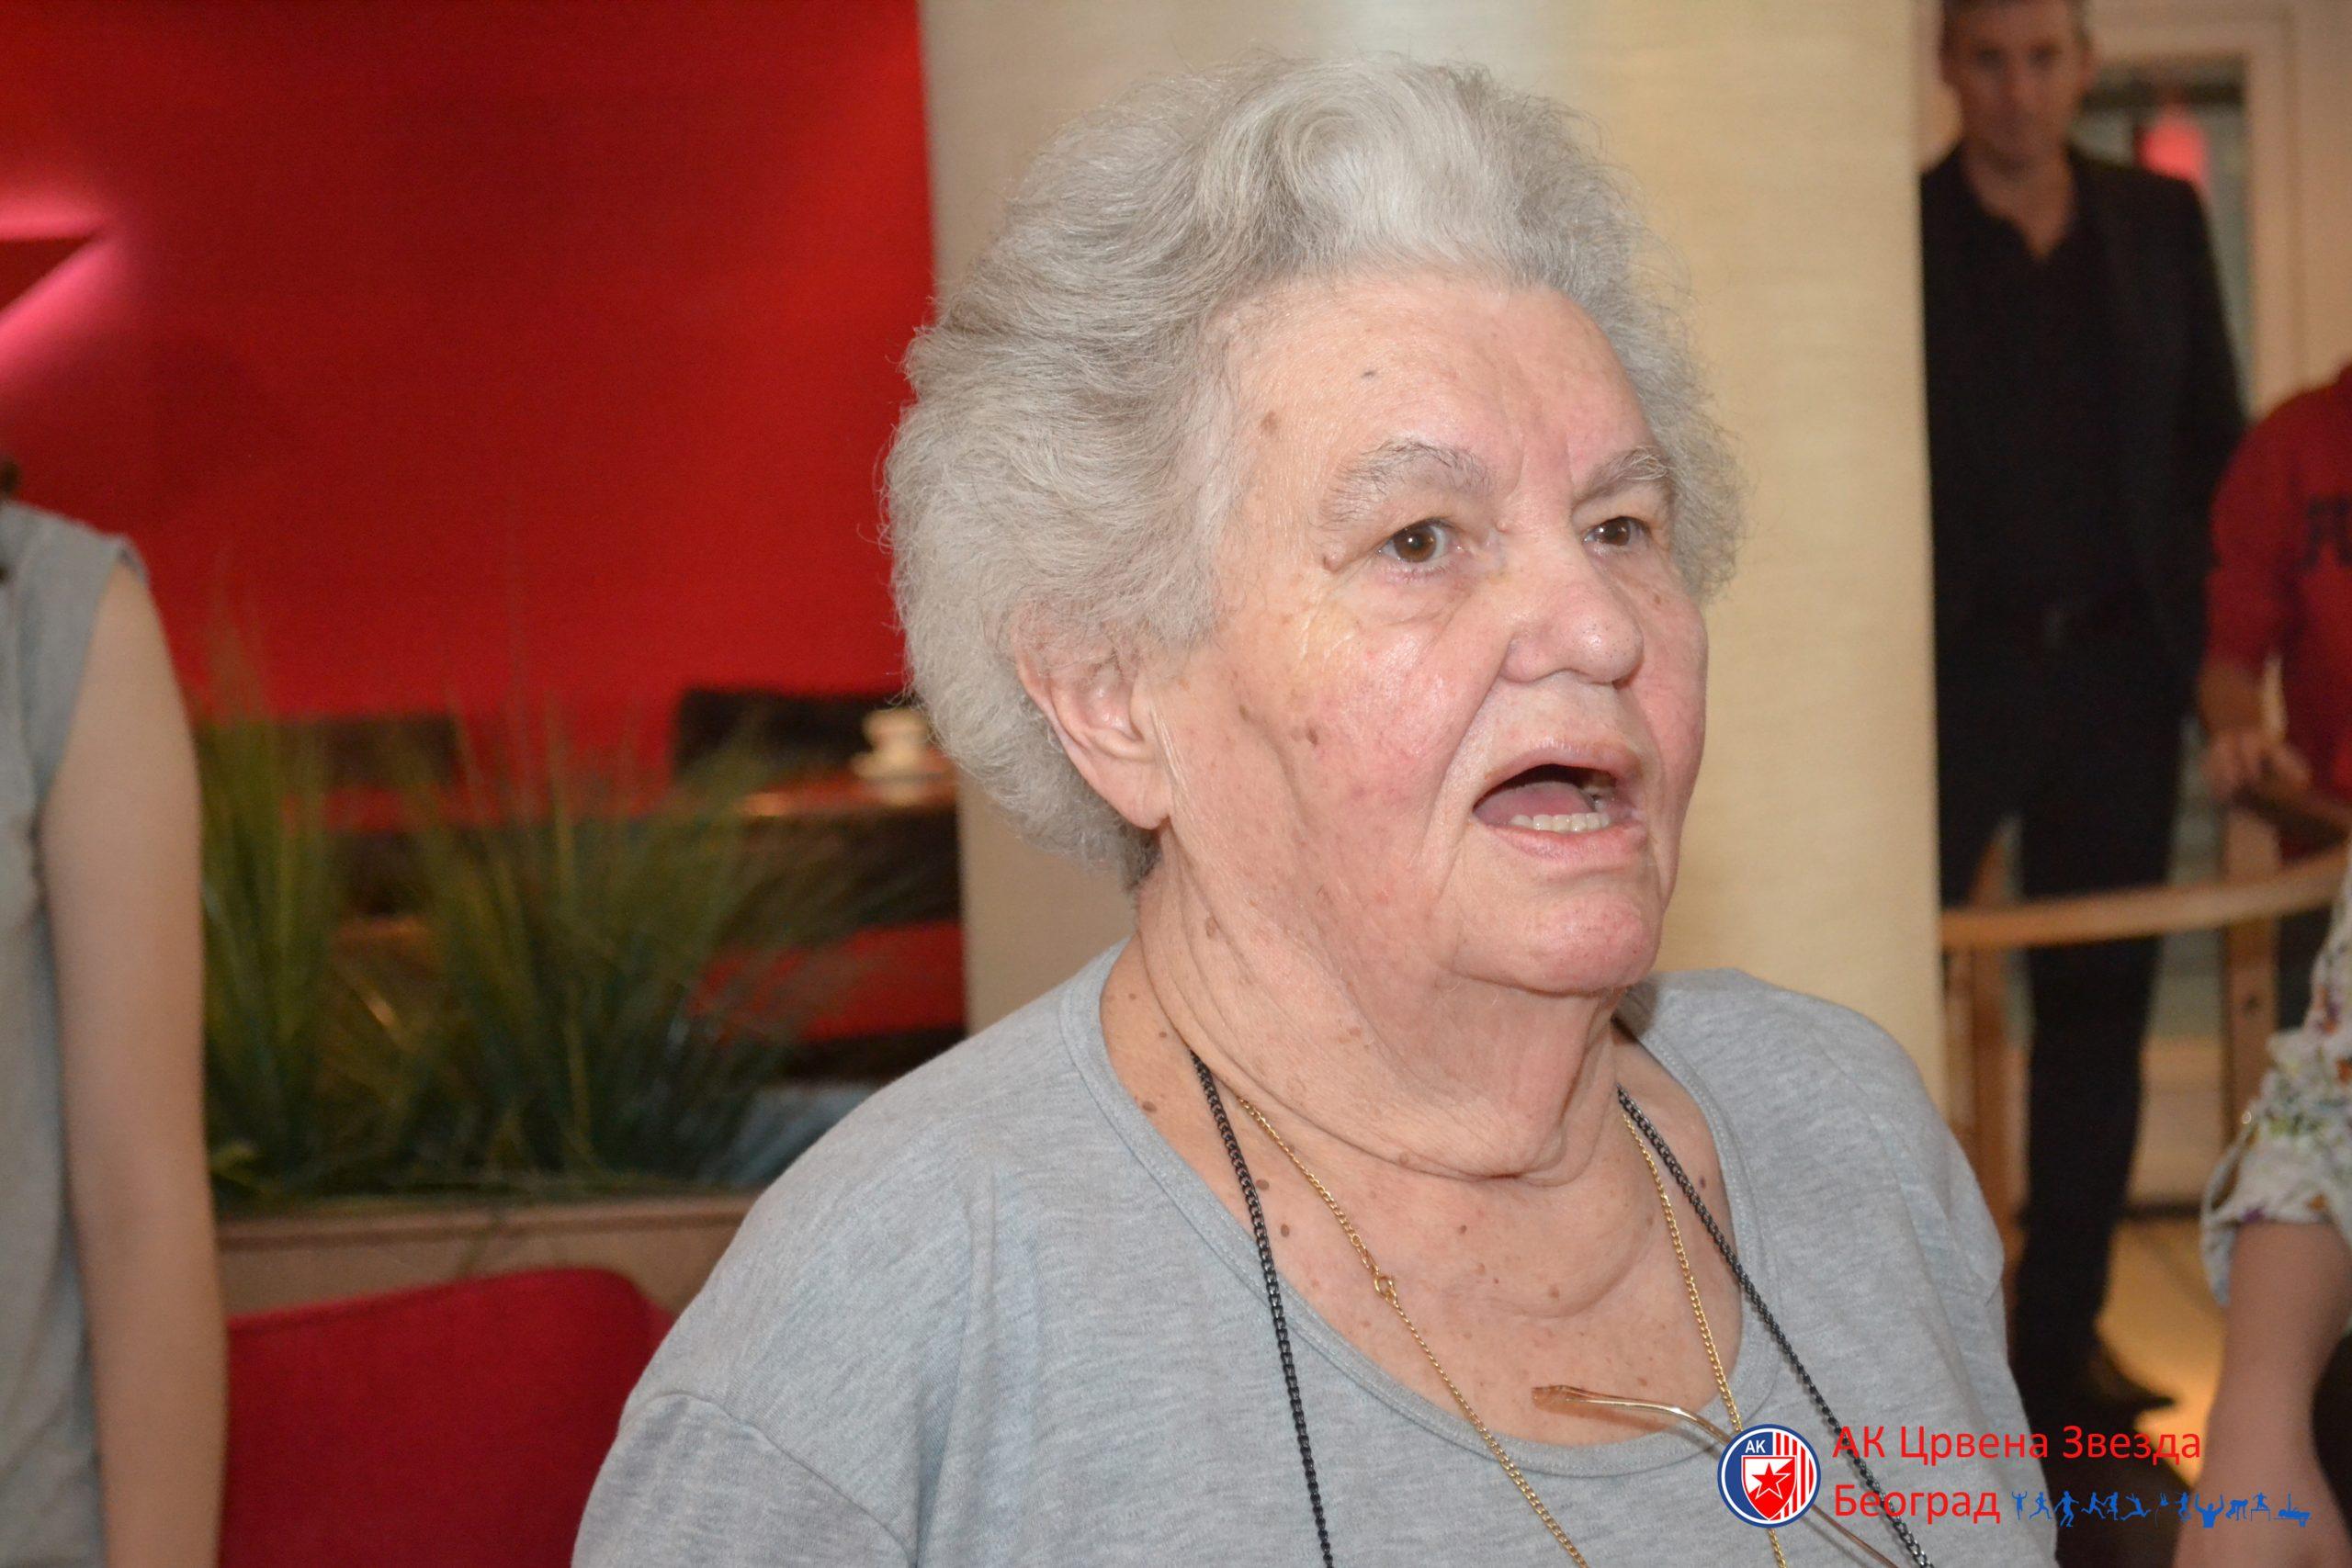 Olga Acić